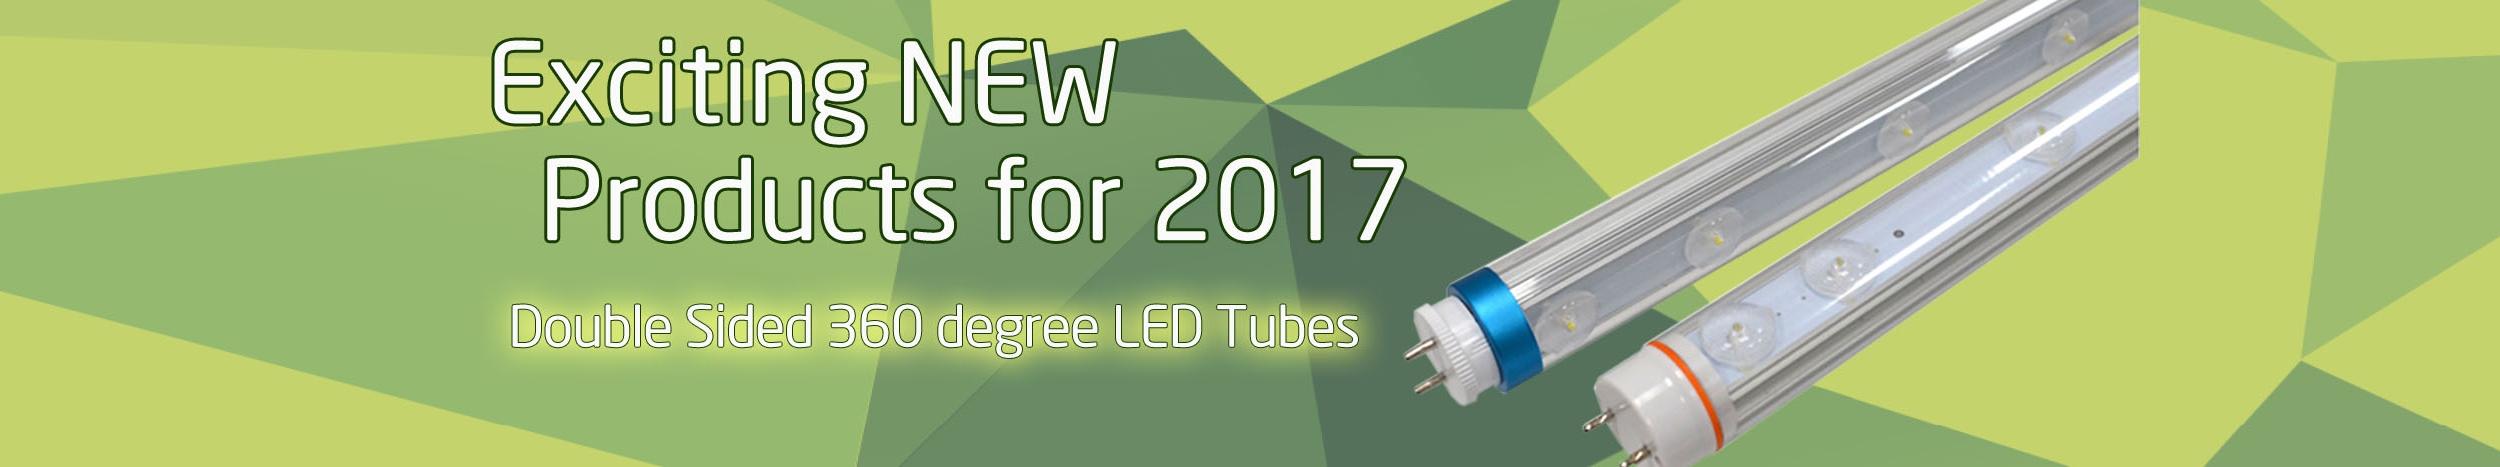 LED T8 360 Degree Double Sided Tube